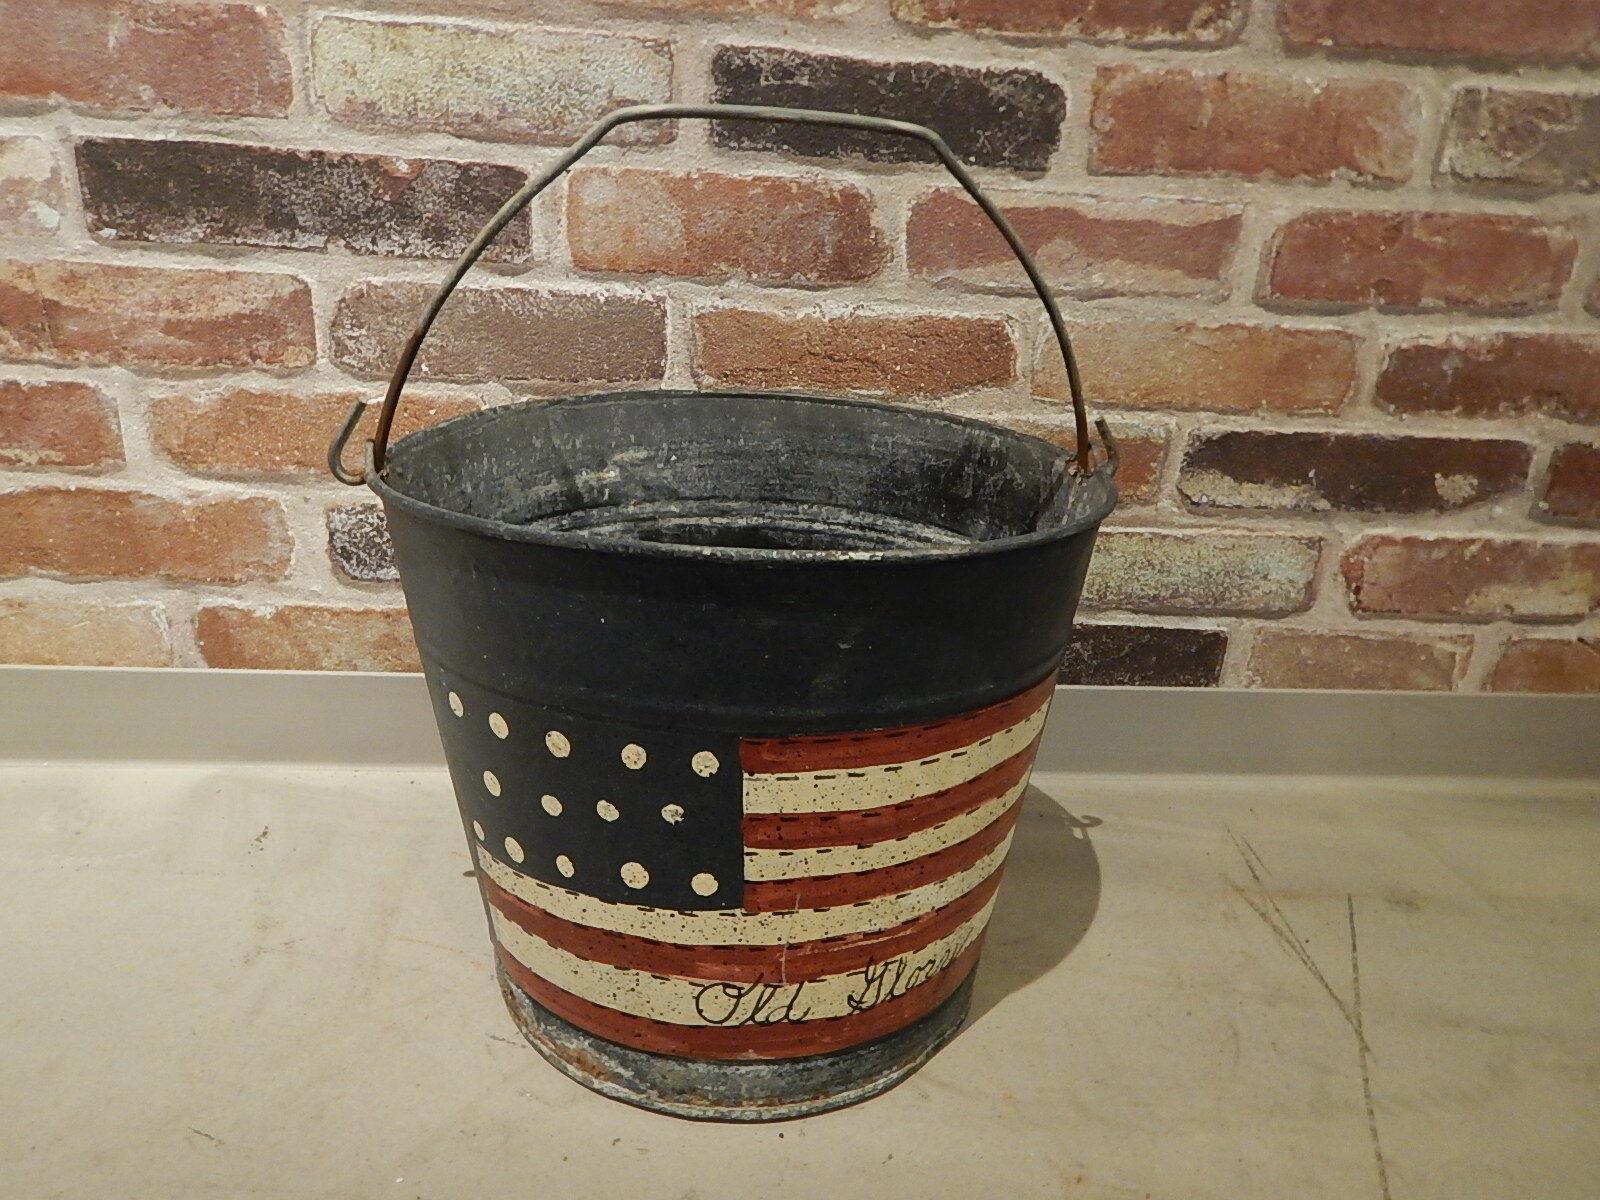 品番1676 USA バケツ スチール製 アメリカン雑貨 ヴィンテージ 011